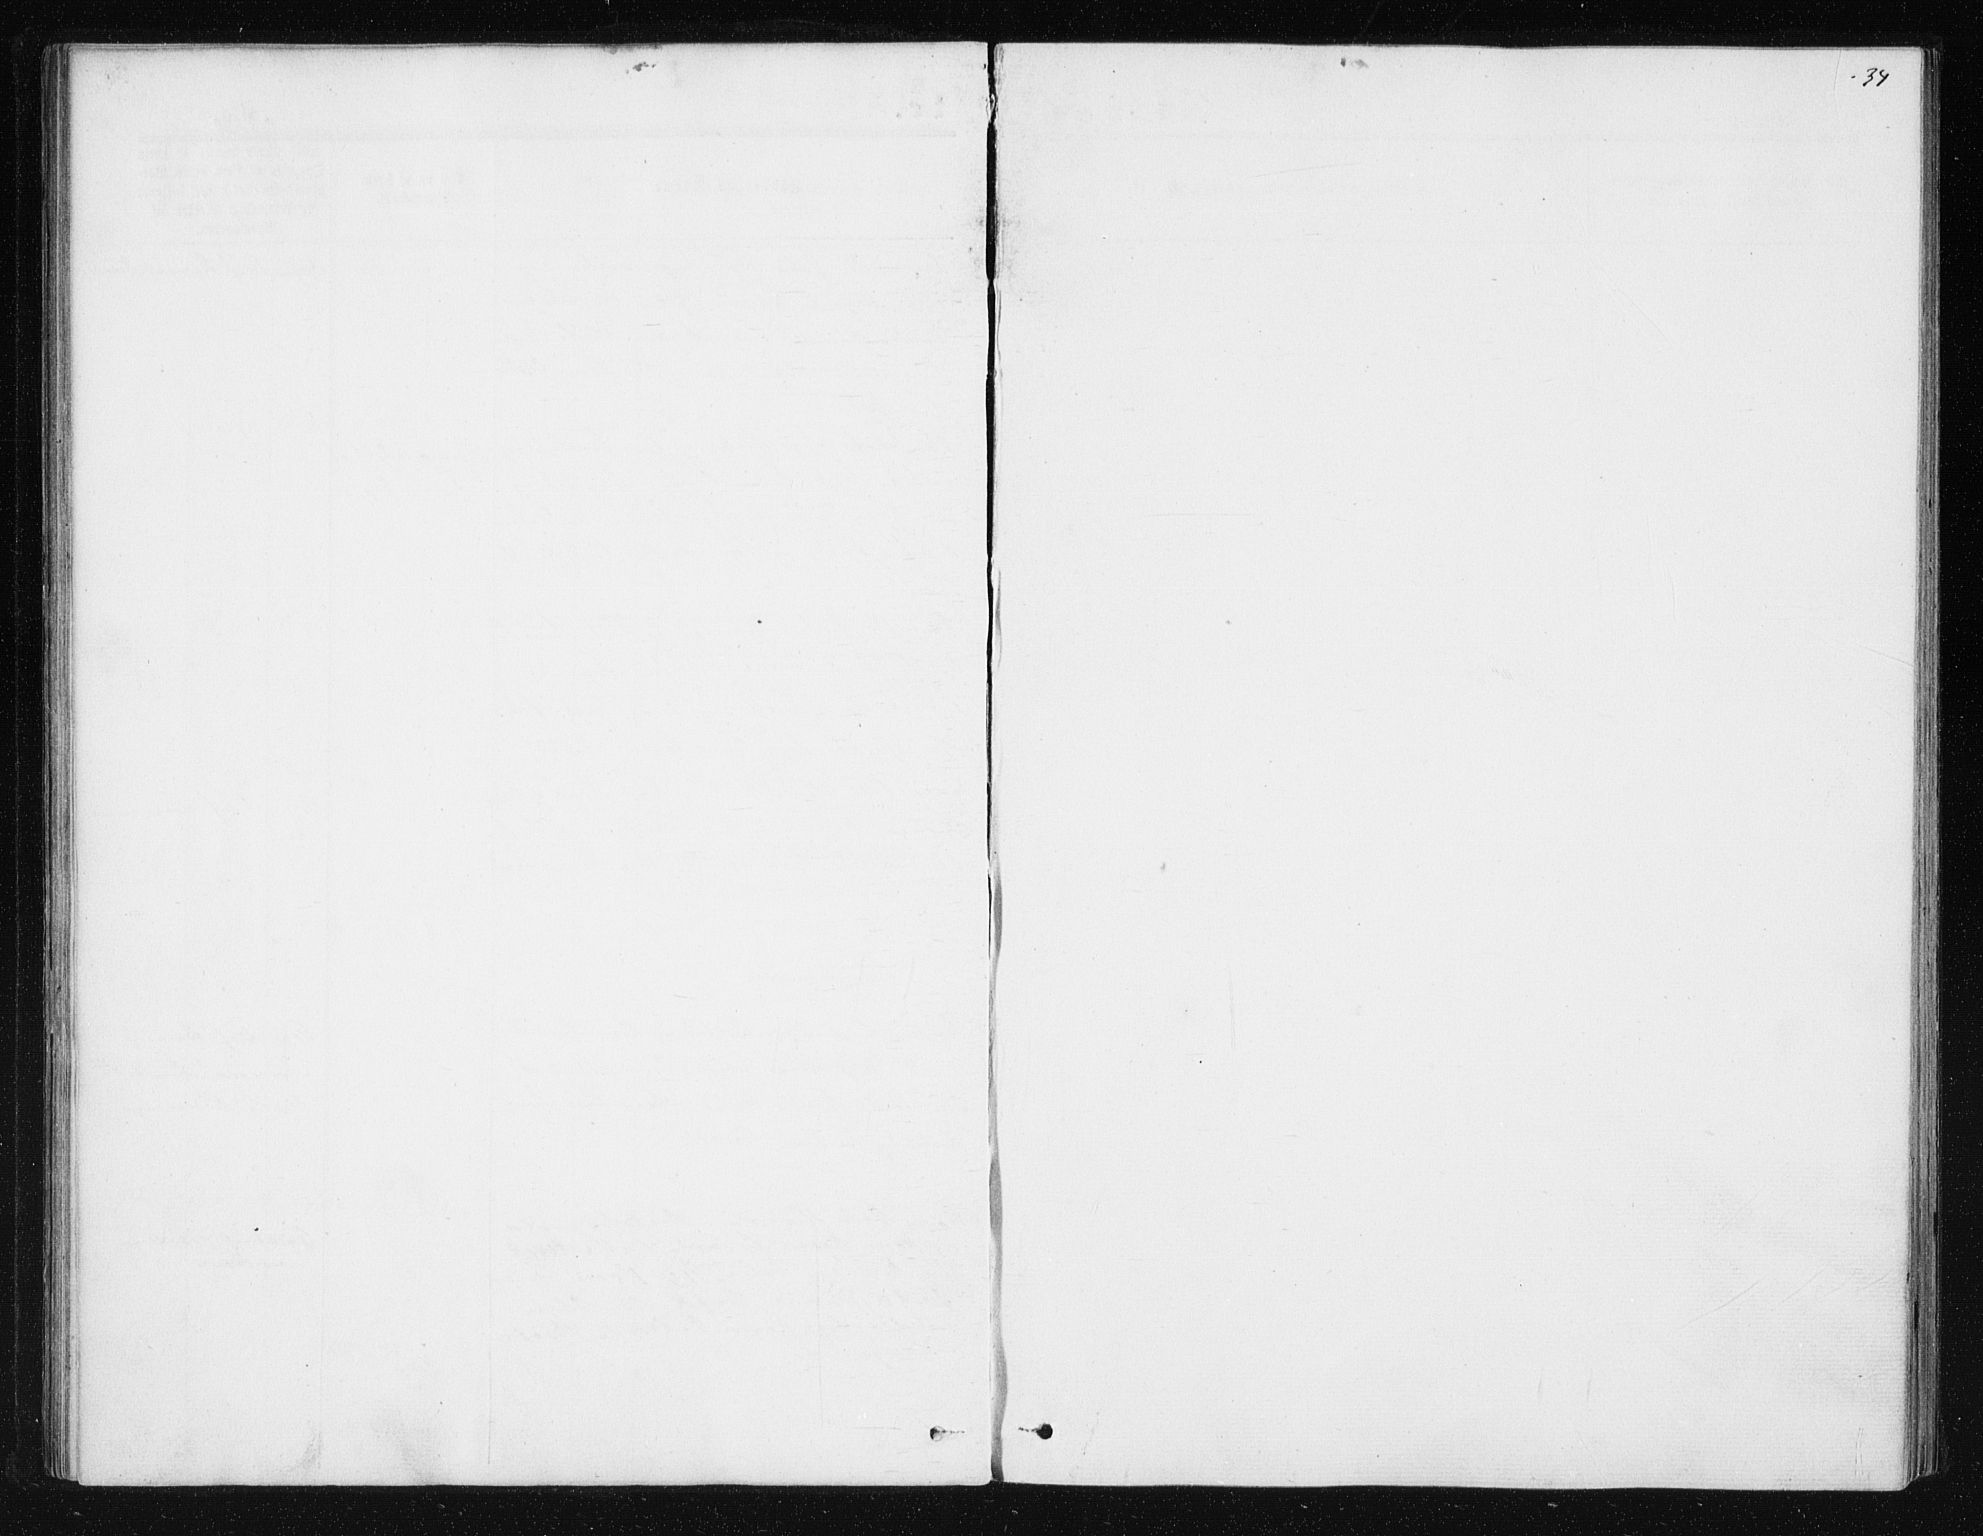 SAT, Ministerialprotokoller, klokkerbøker og fødselsregistre - Sør-Trøndelag, 608/L0333: Ministerialbok nr. 608A02, 1862-1876, s. 34